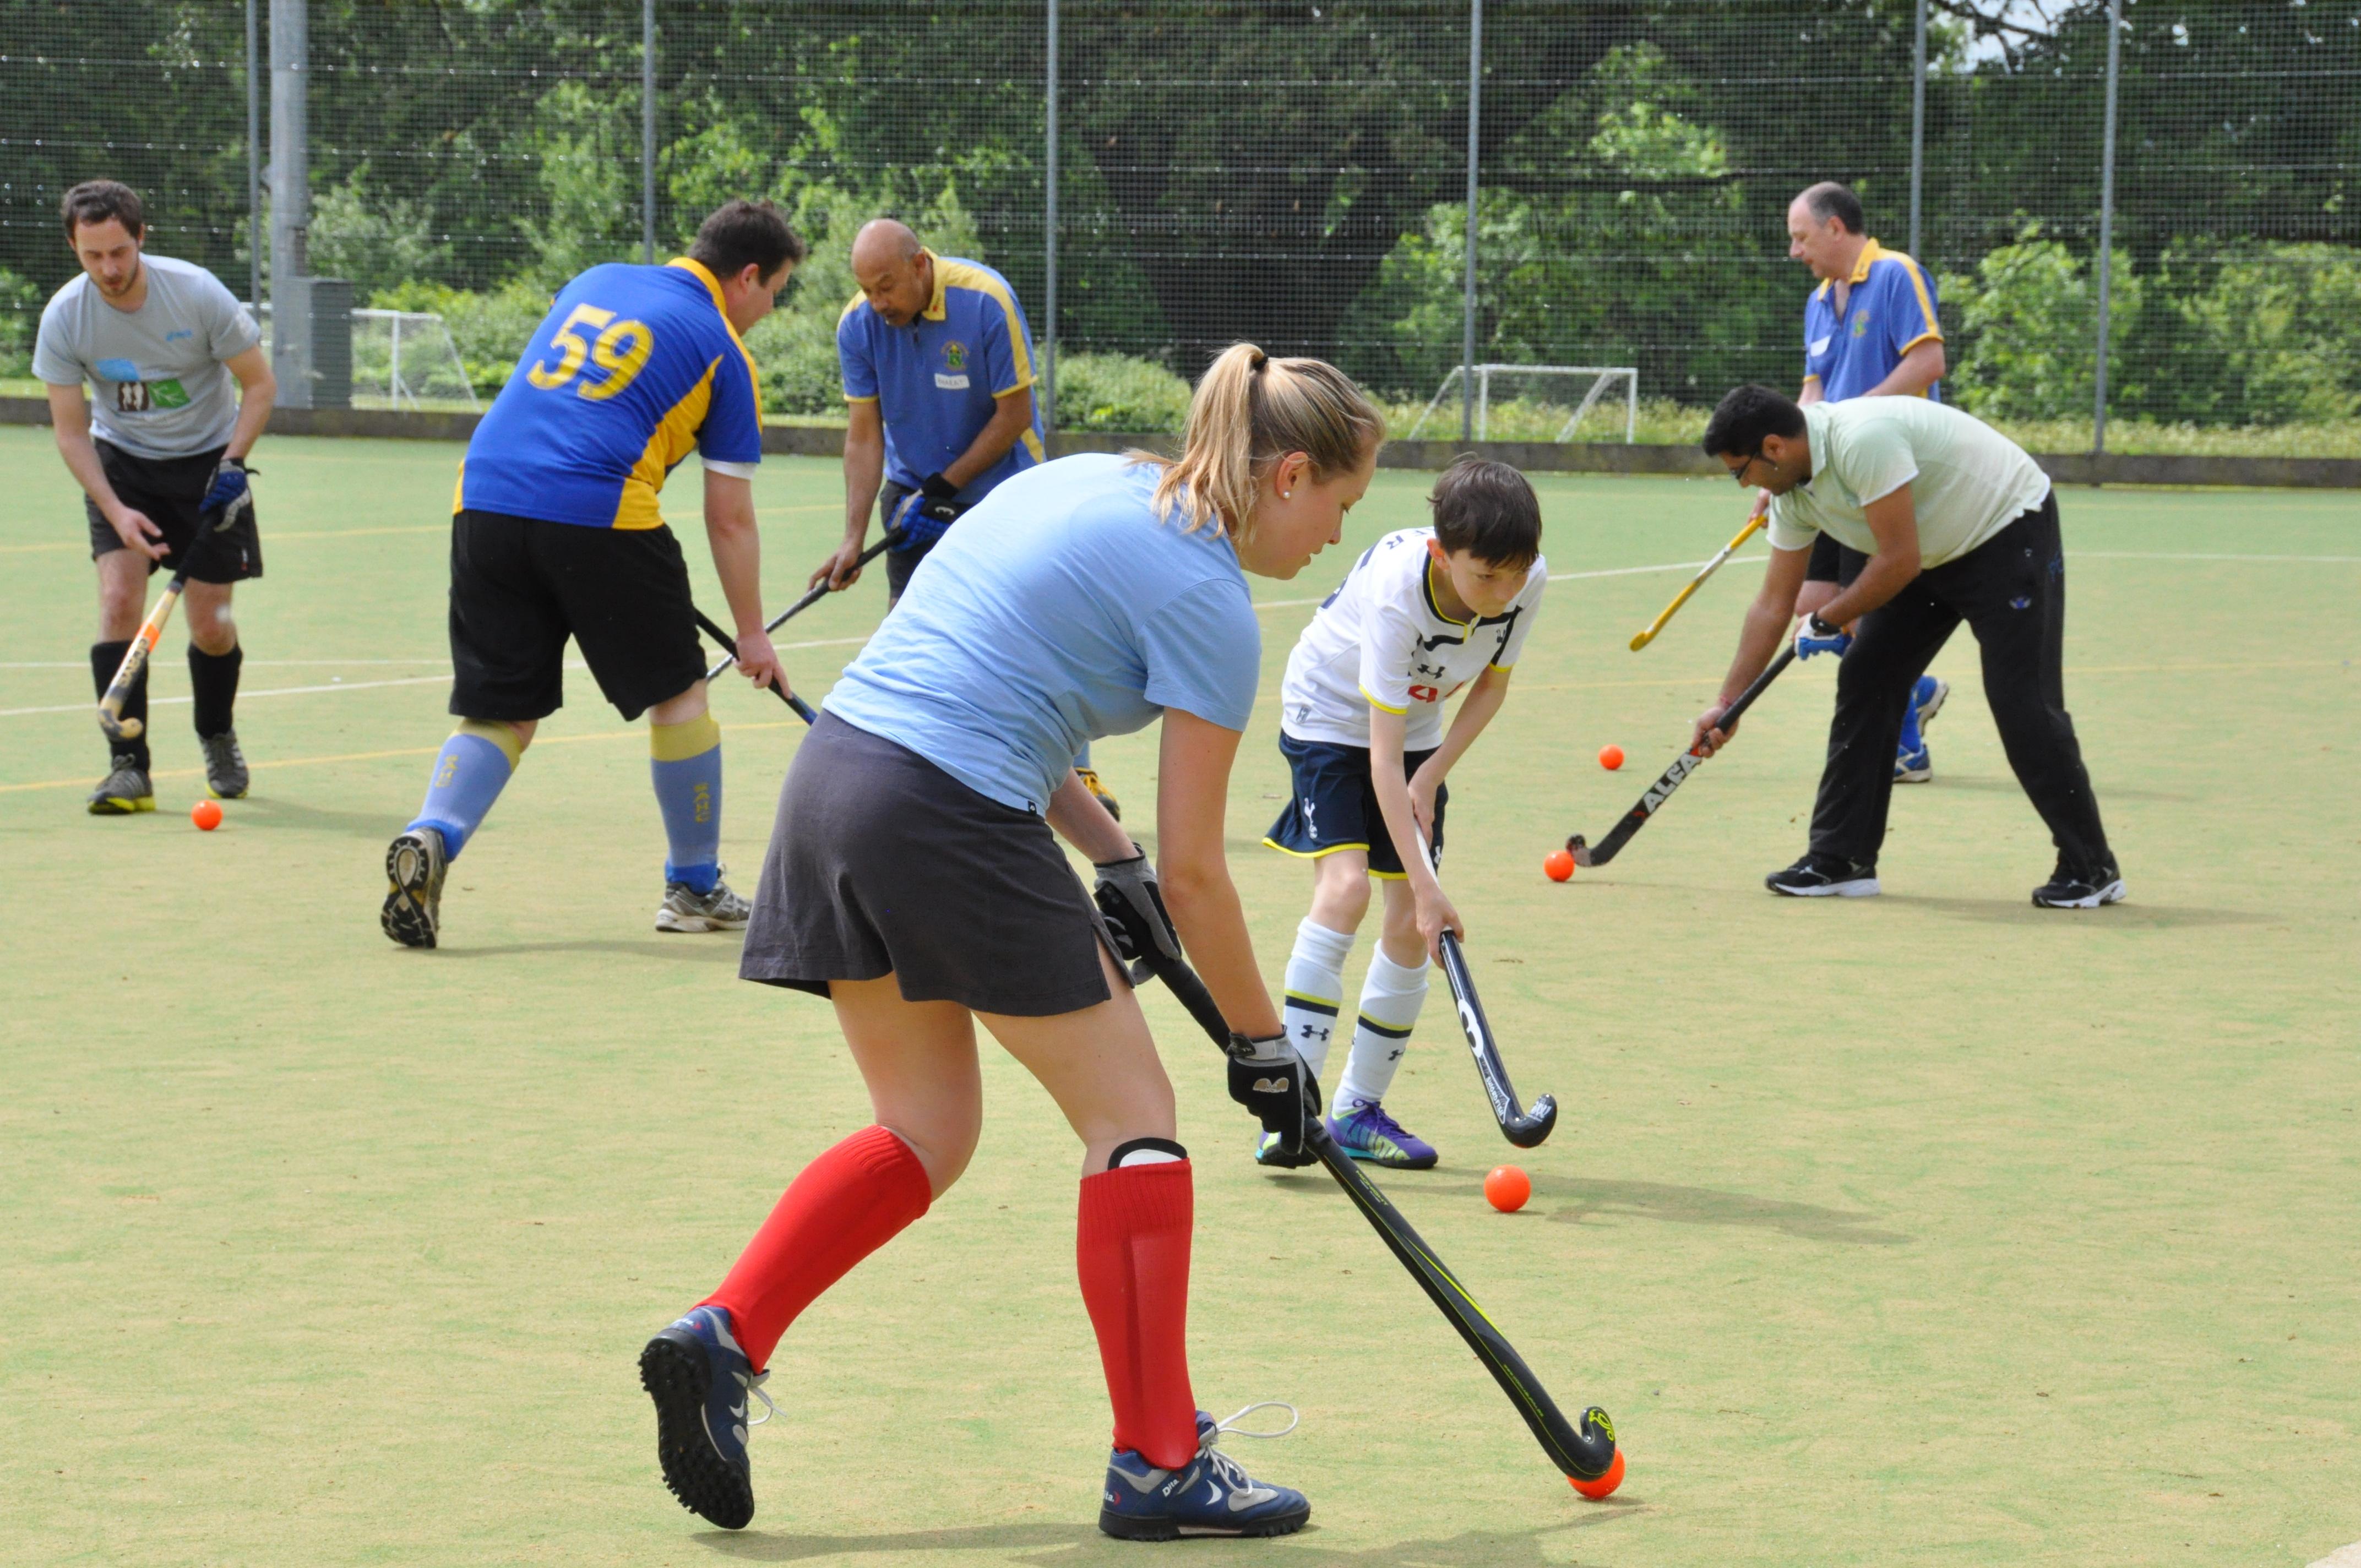 Free Hockey Training at a new temporary venue